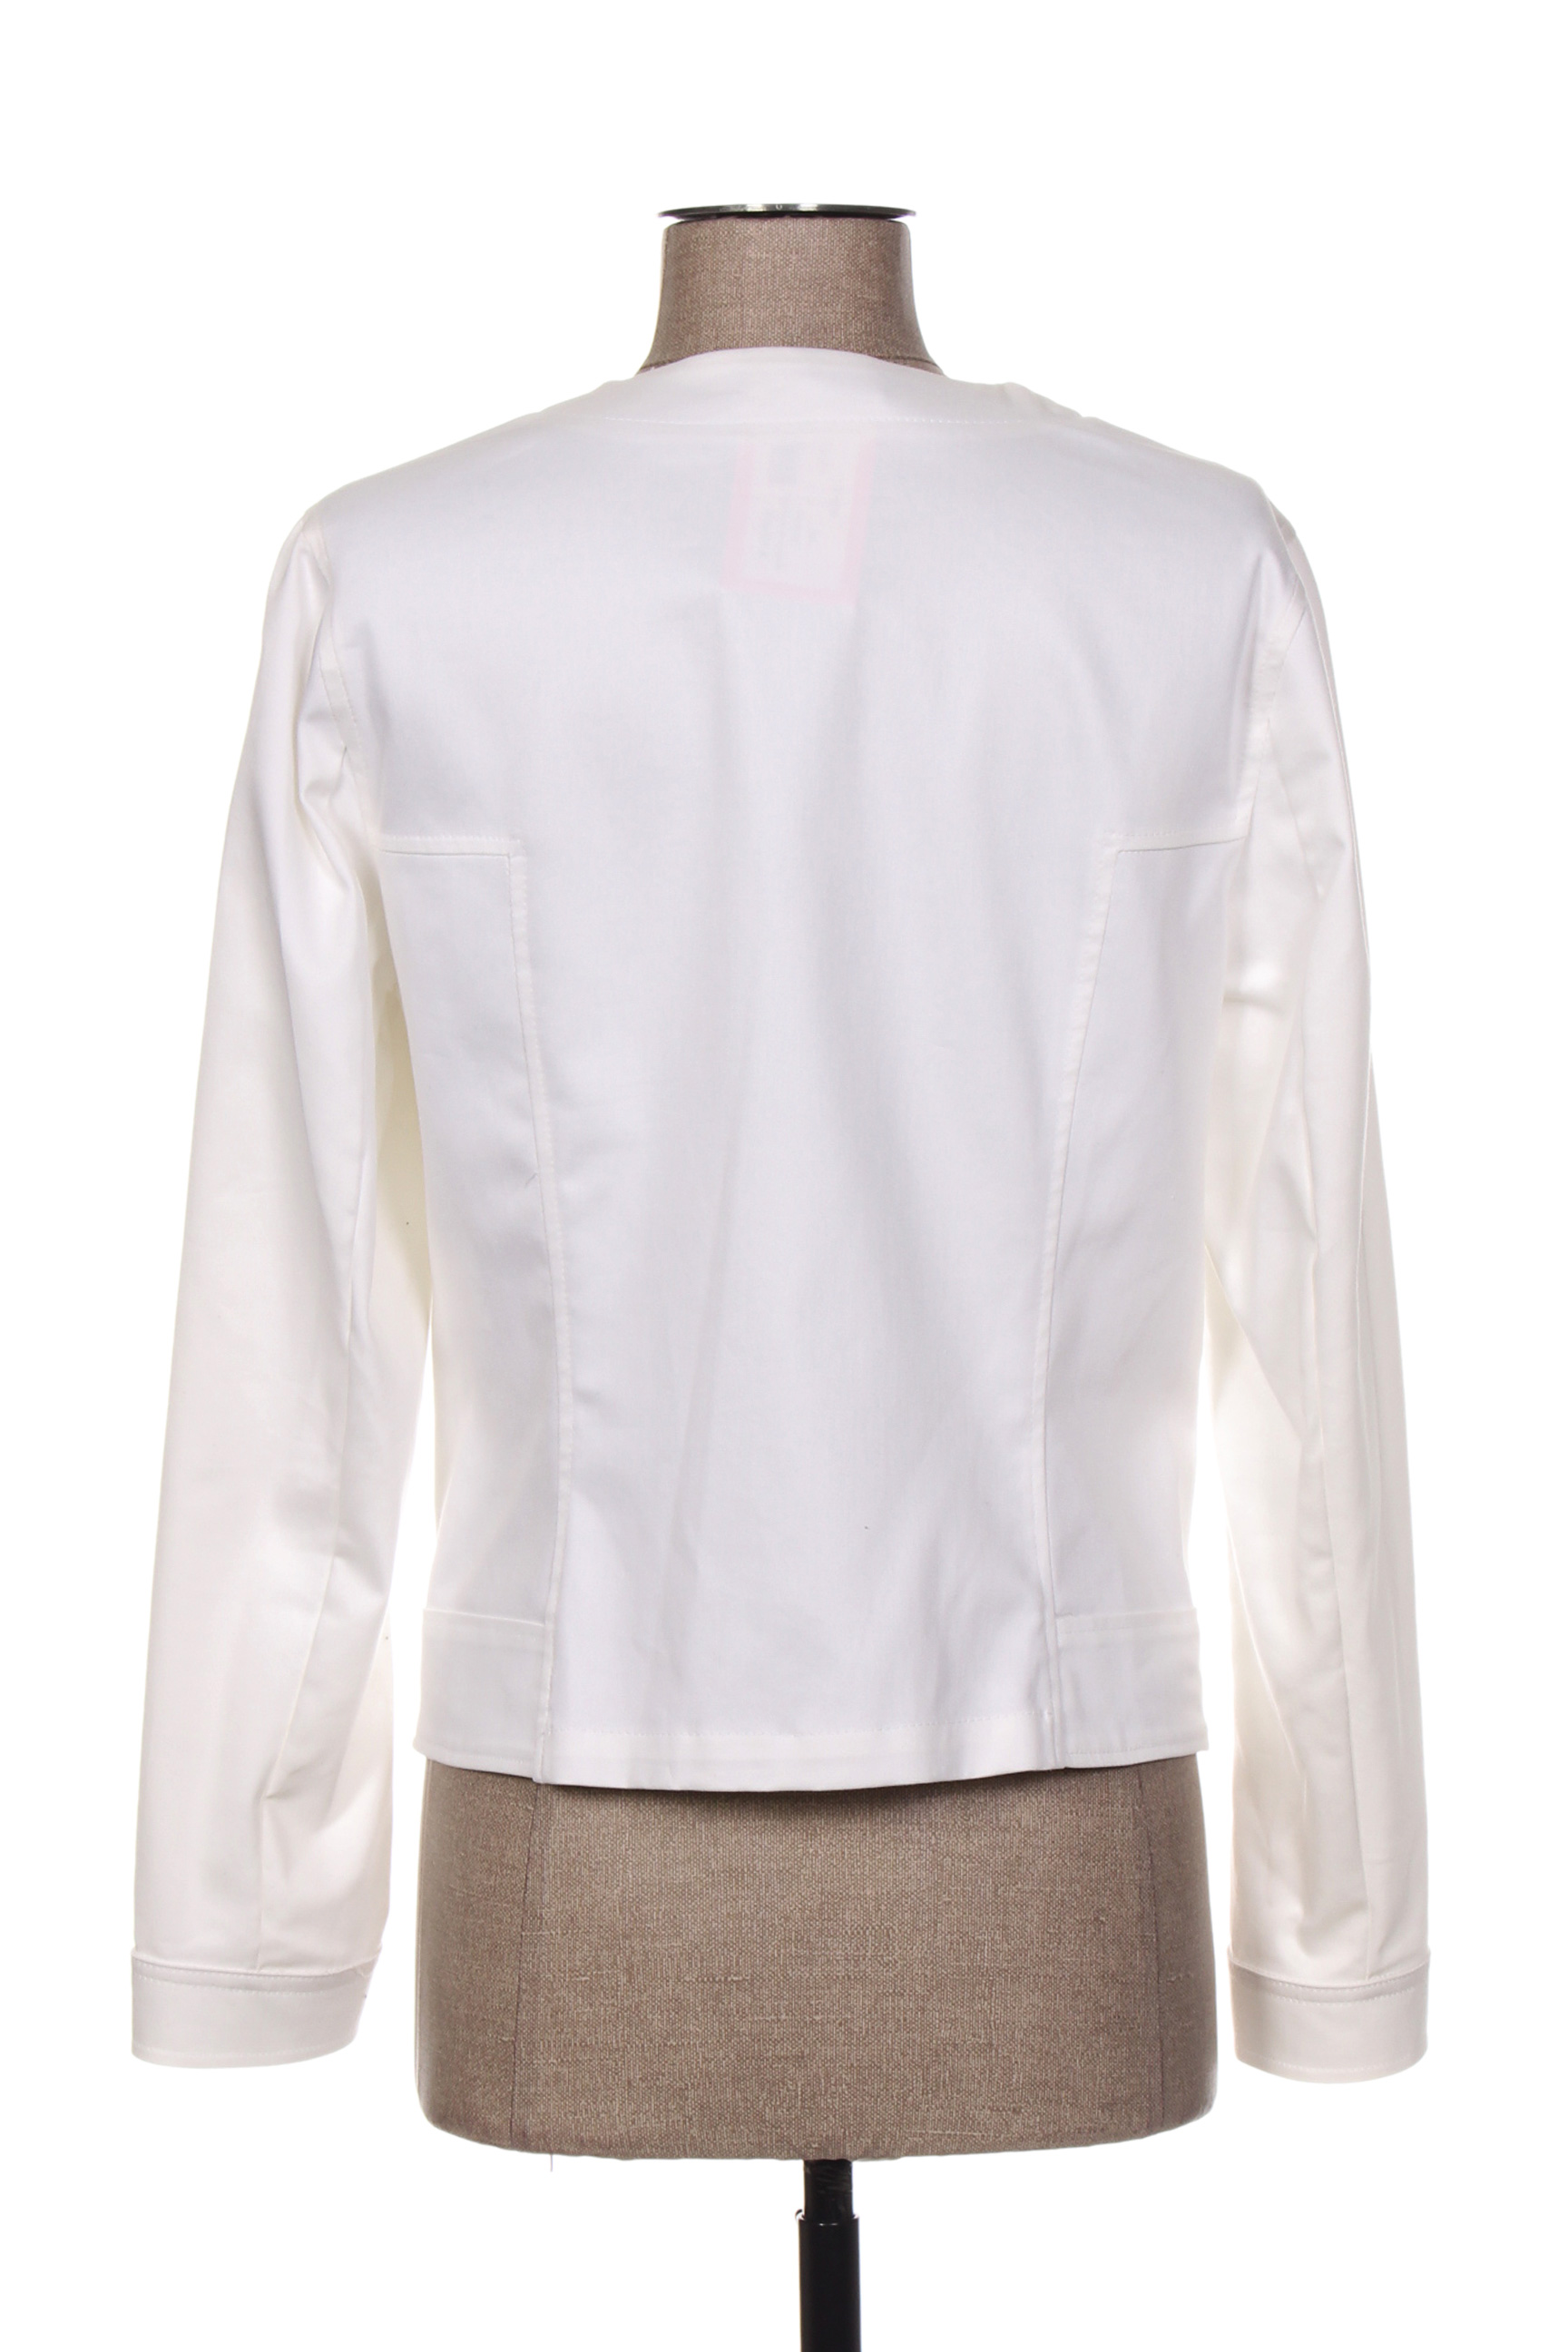 Weinberg Vestecasual Femme De Couleur Blanc En Soldes Pas Cher 1225877-blanc0